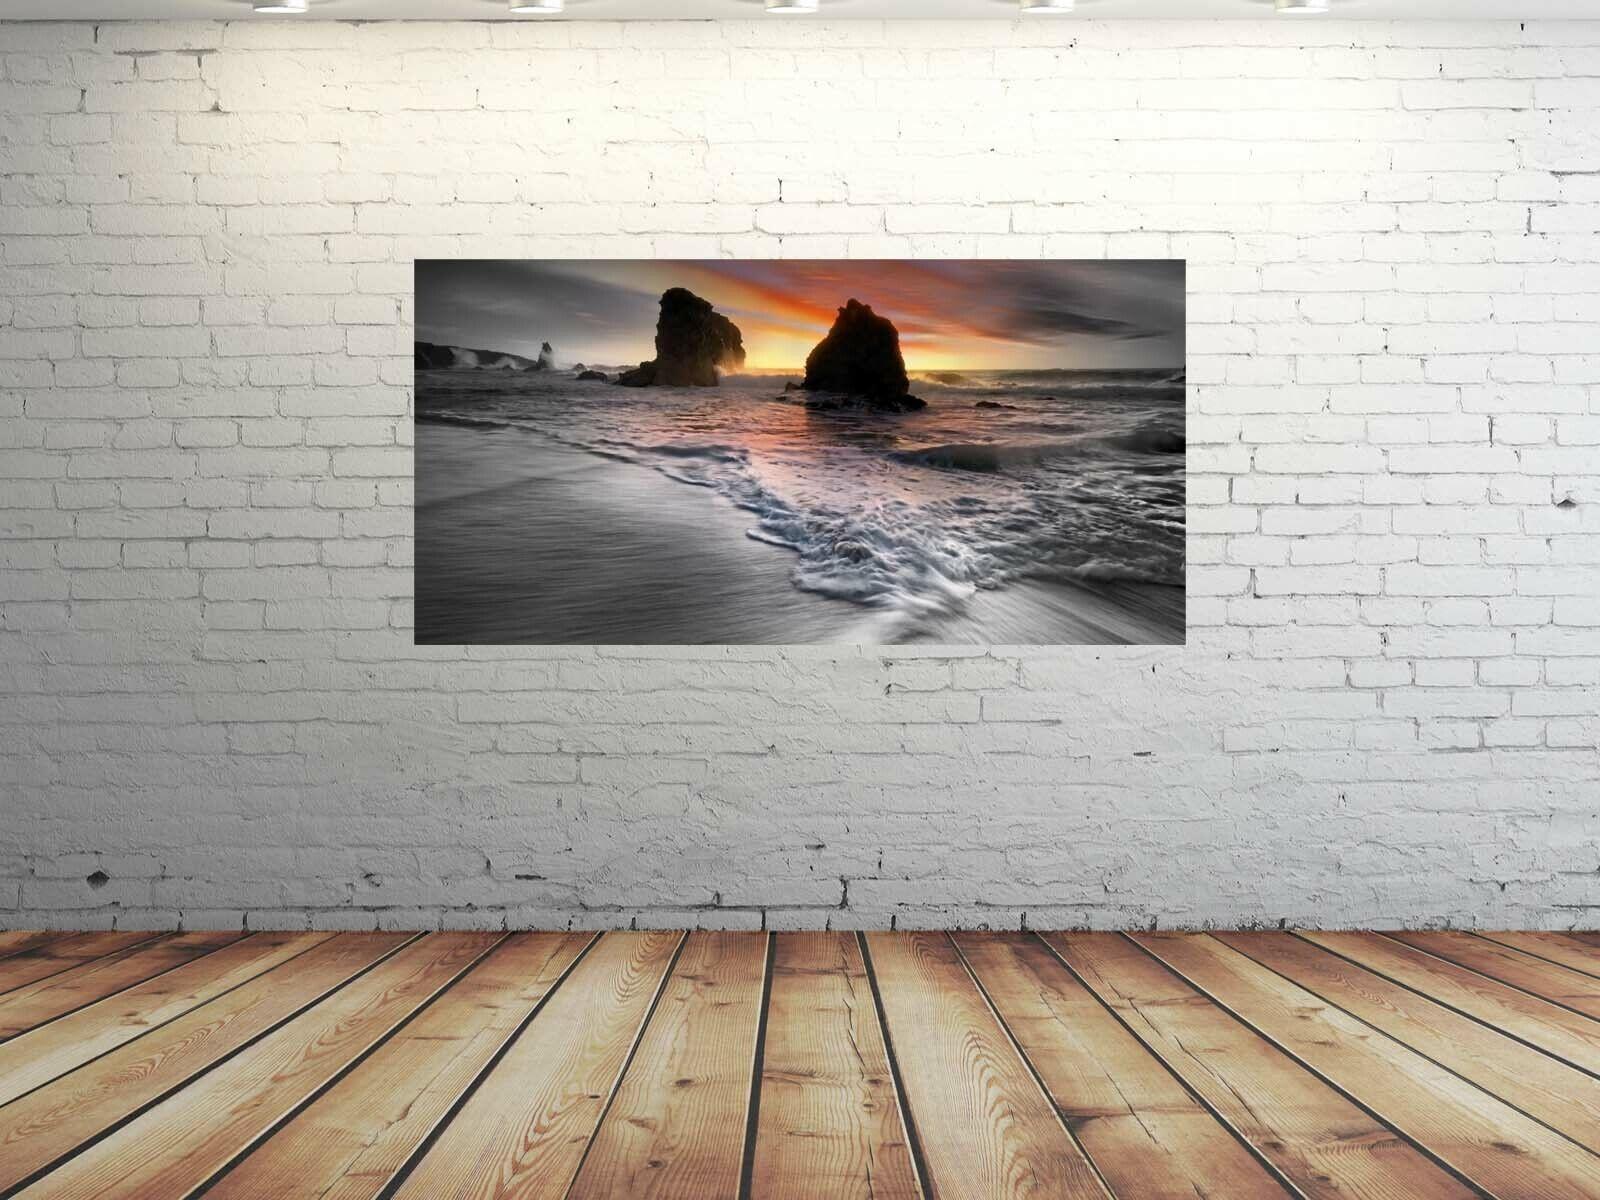 Alu-Dibond Bild ALU100500659 WELLEN MEER Orange 100 x 50 cm Wandbild ROMANTIK